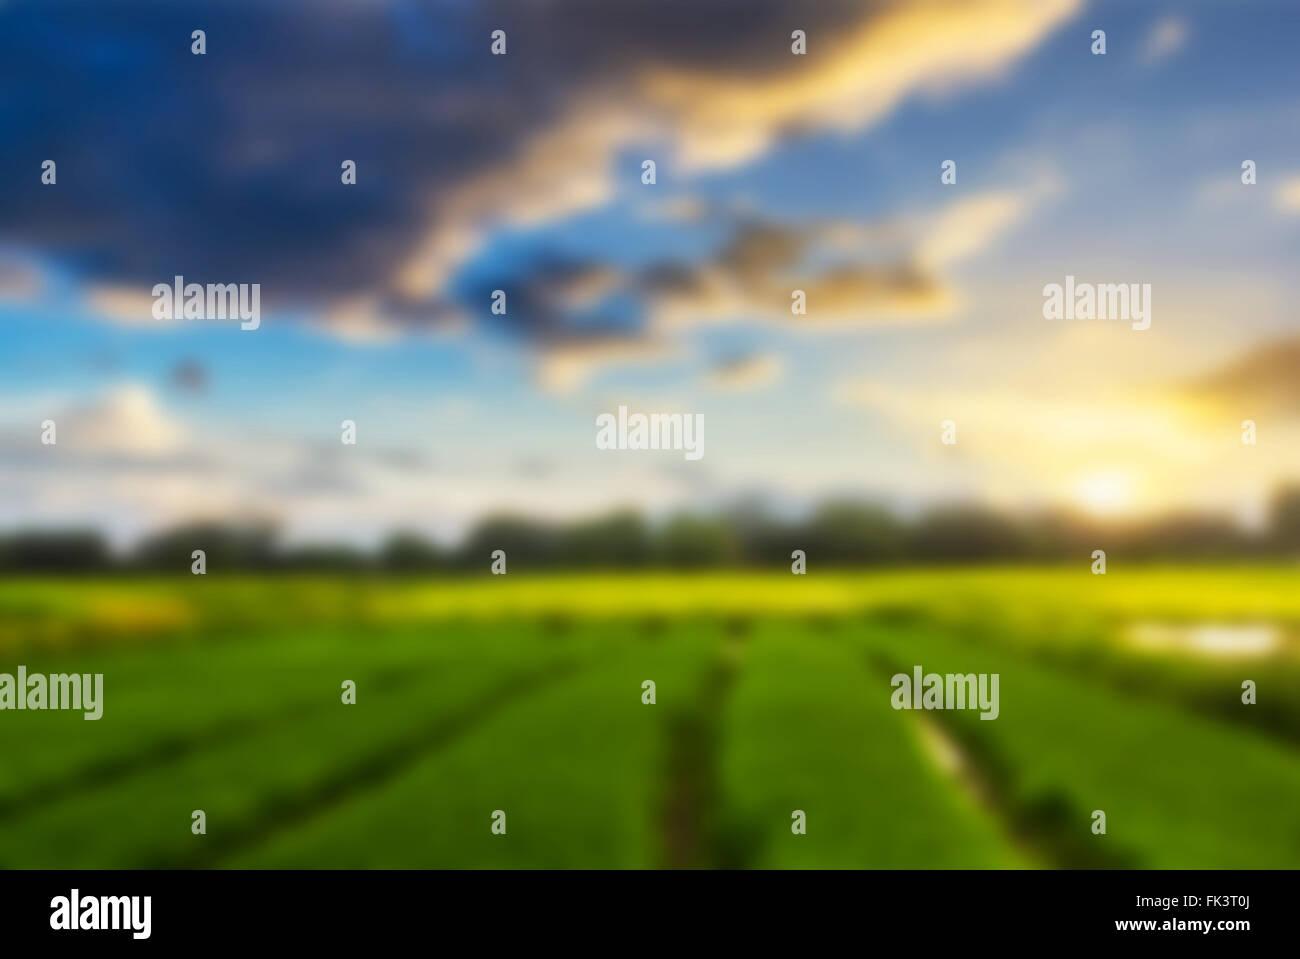 Resumen fondo desenfocado paisaje shot campo de arroz y pasto verde ...